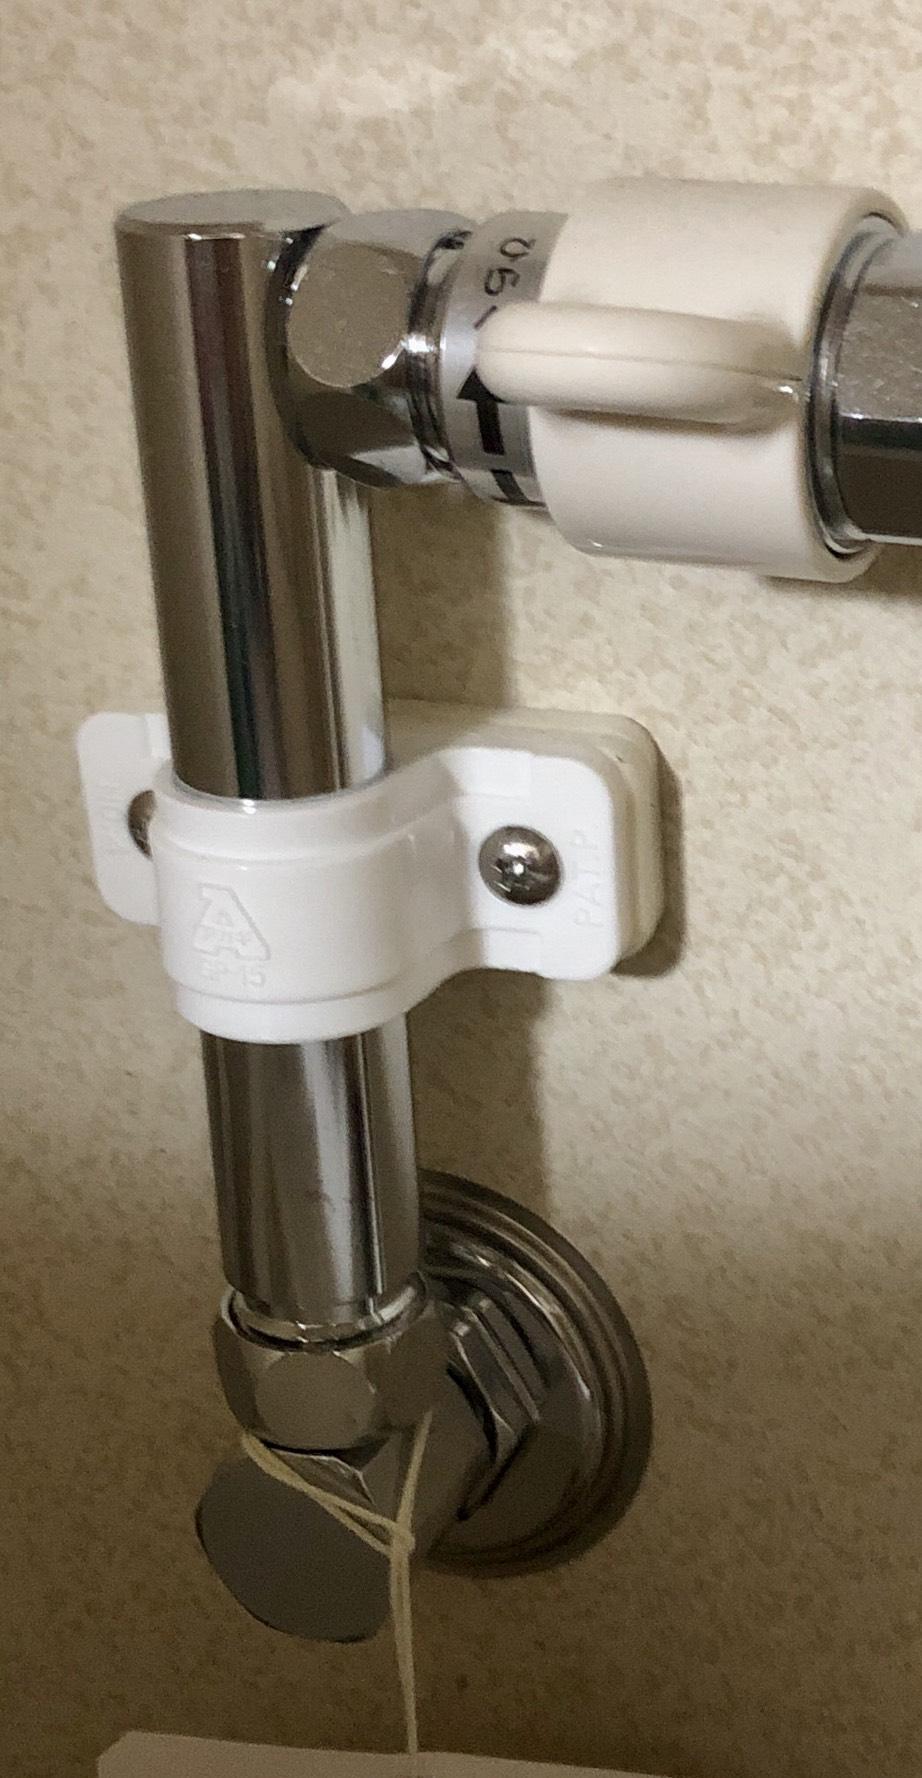 壁ピタ水栓の工事は賃貸でできるか